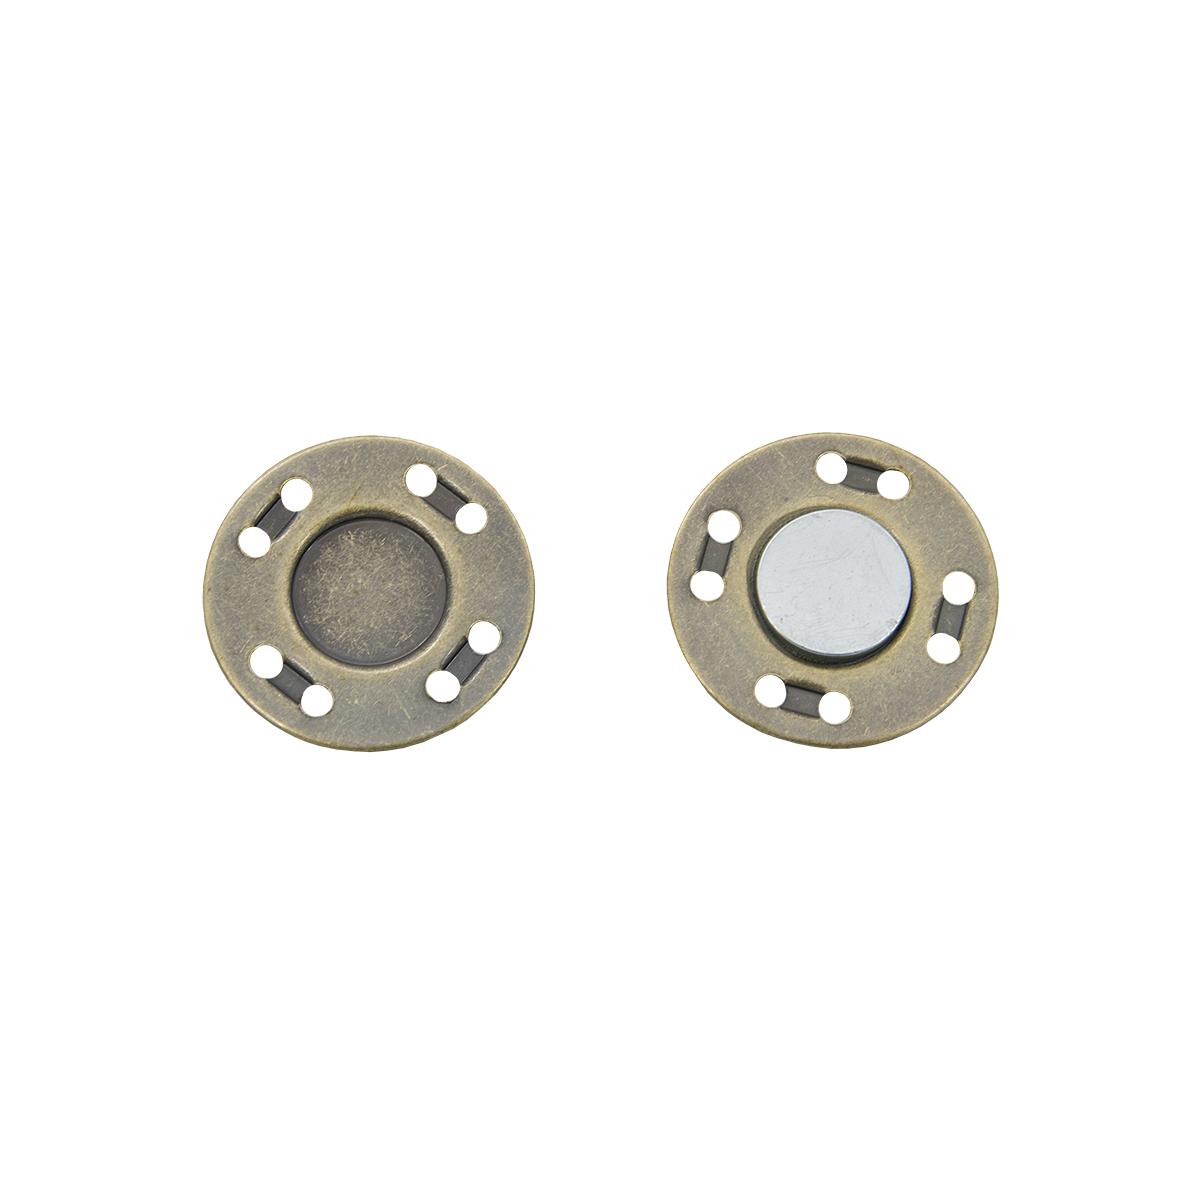 Кнопка магнитная пришивная 69017, 20 мм, латунь, упаковка 4 шт., Hobby&Pro